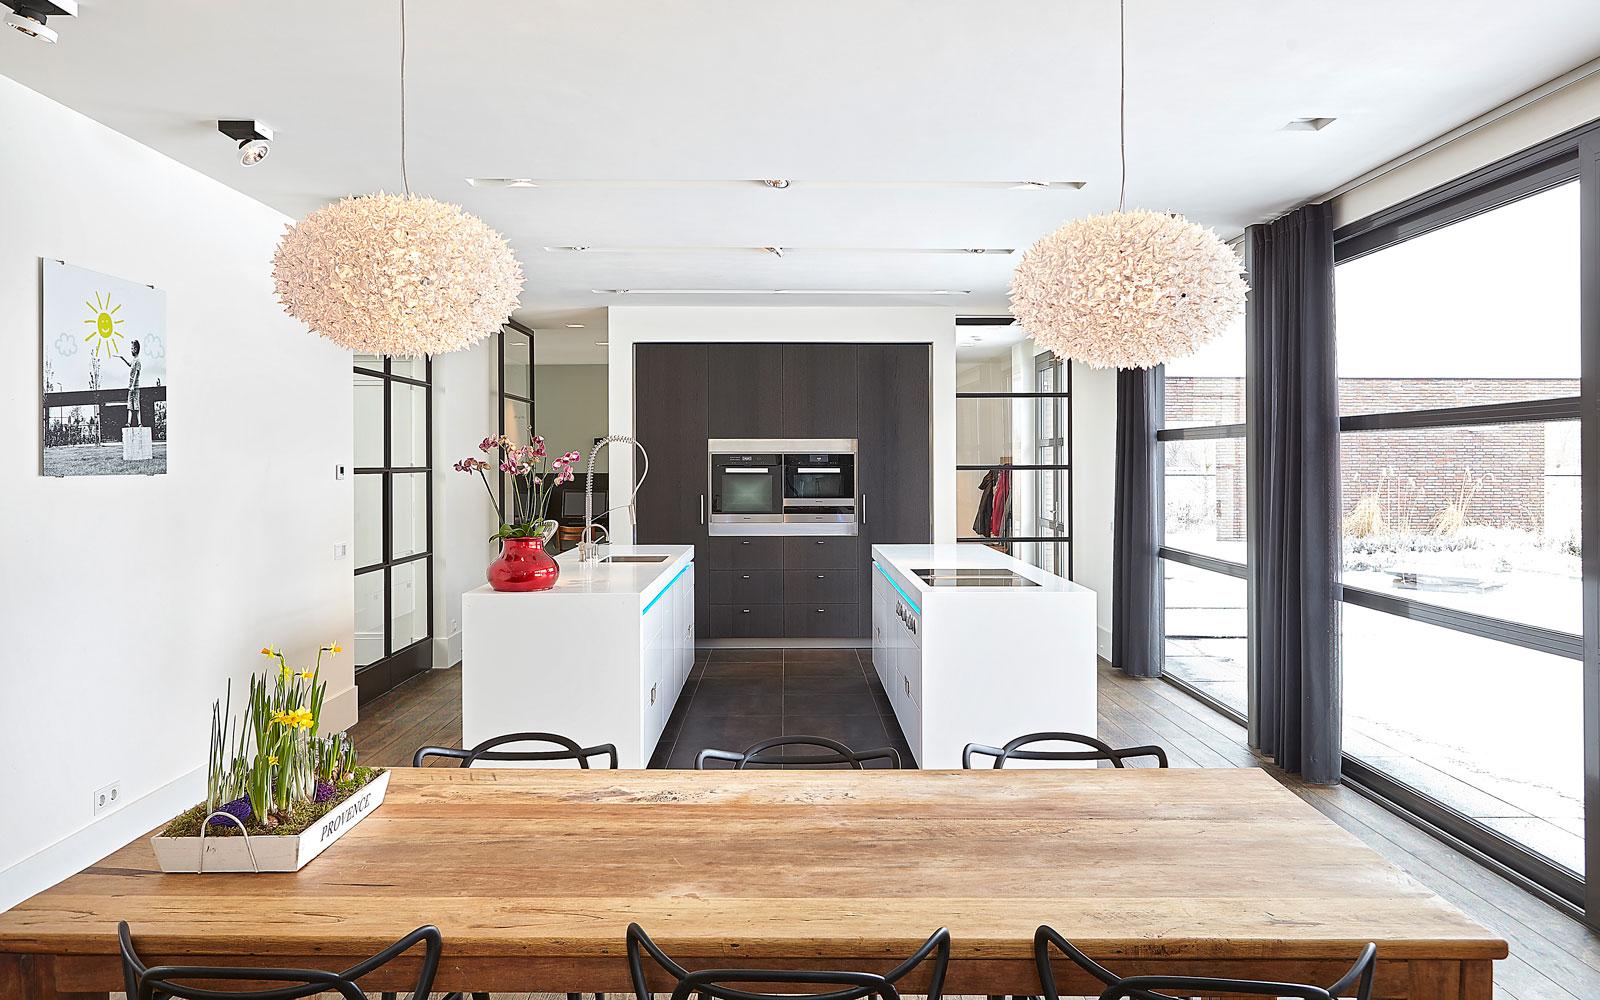 Keuken, maatwerk, Culimaat, houten tafel, eettafel, high end, droomvilla, Marco Daverveld